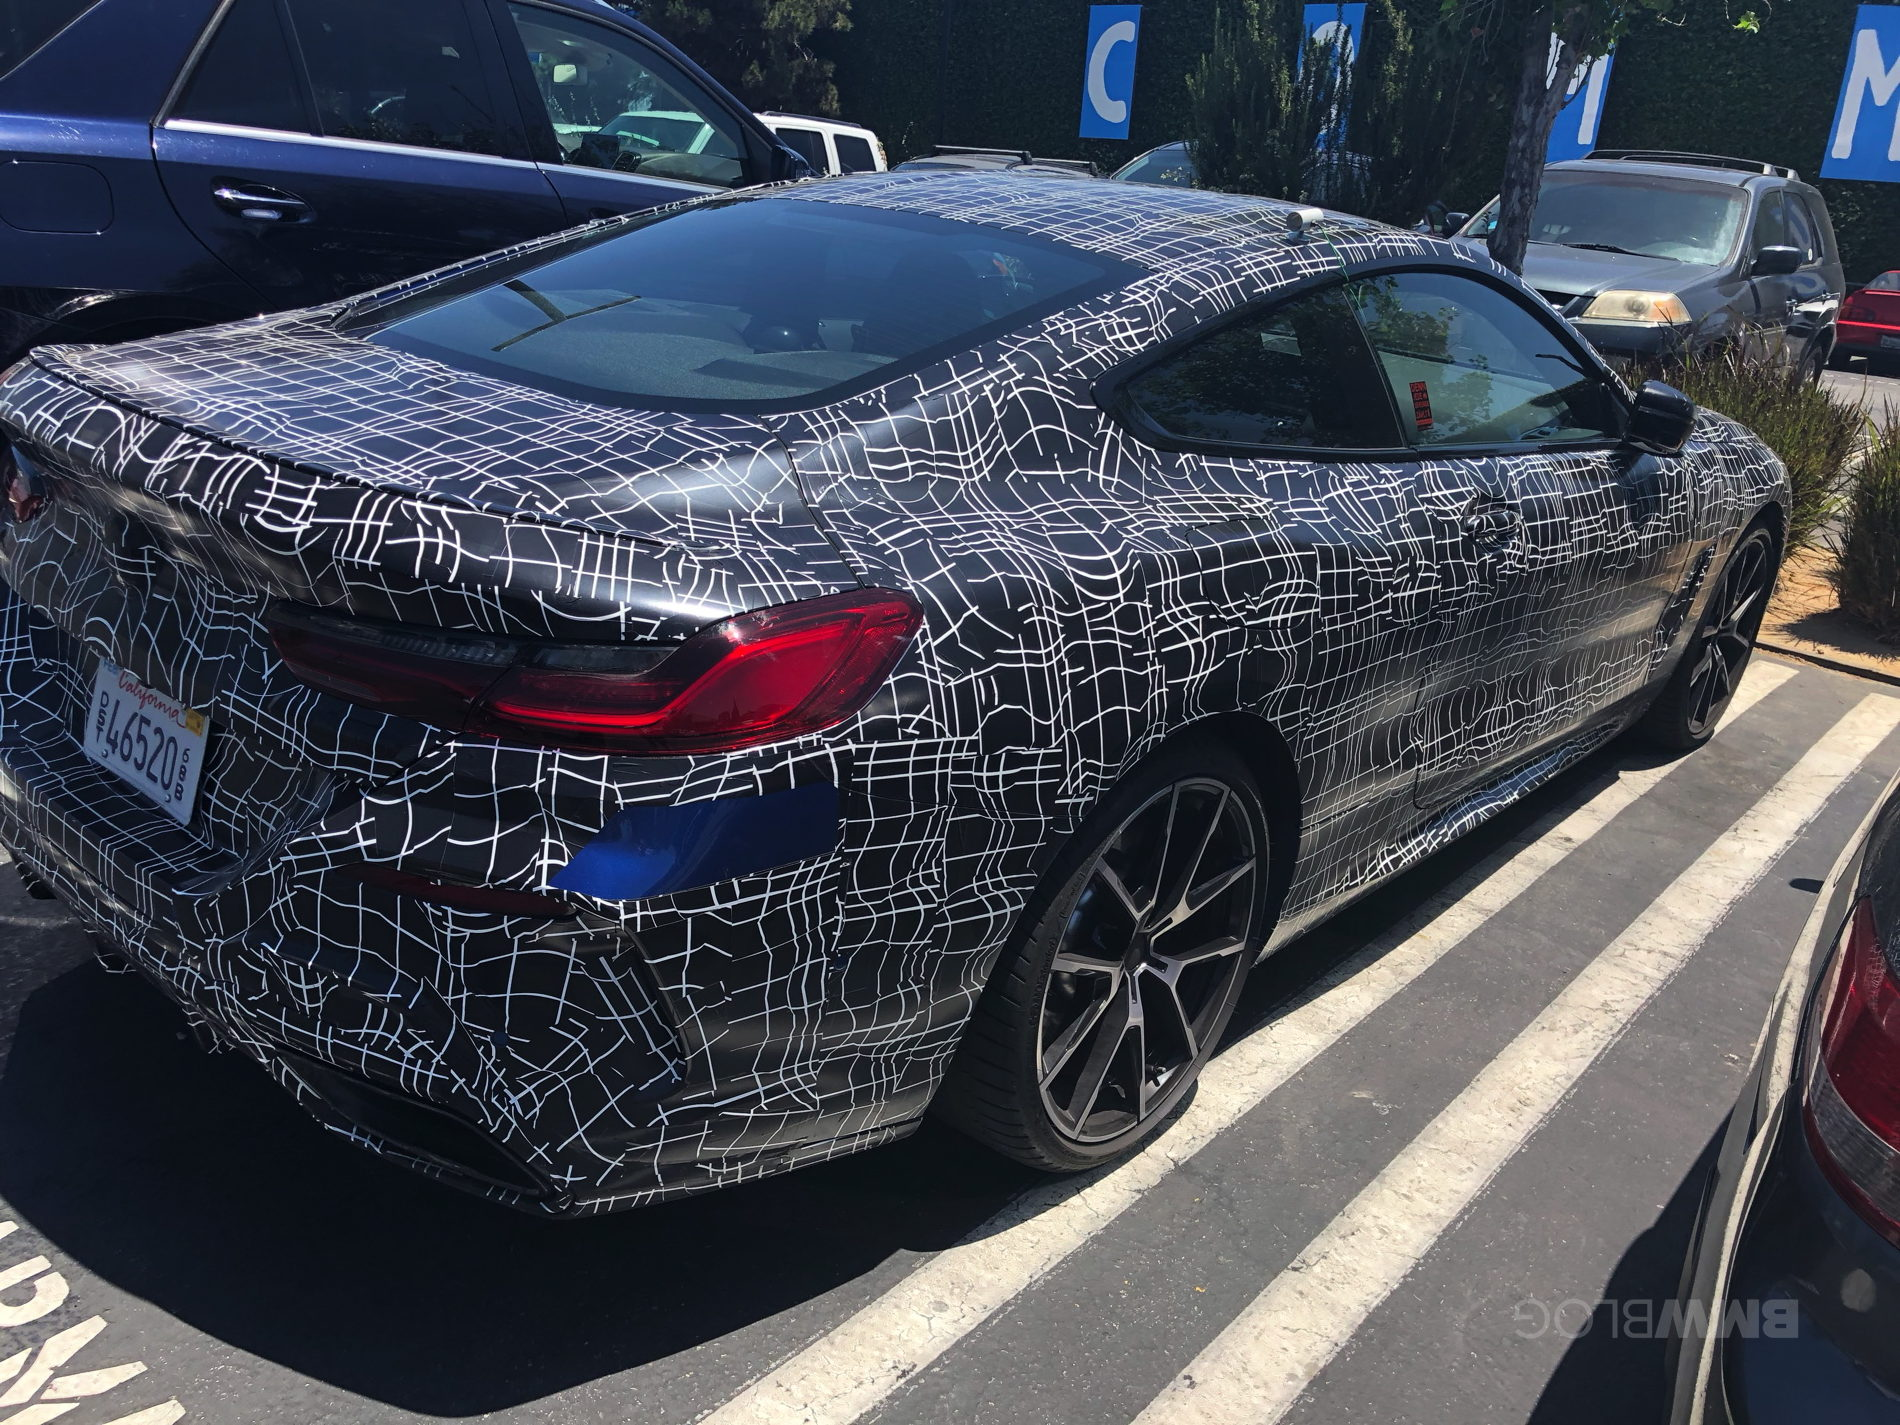 BMW-M8-Coupe-spy-photos-06-e1531169233321